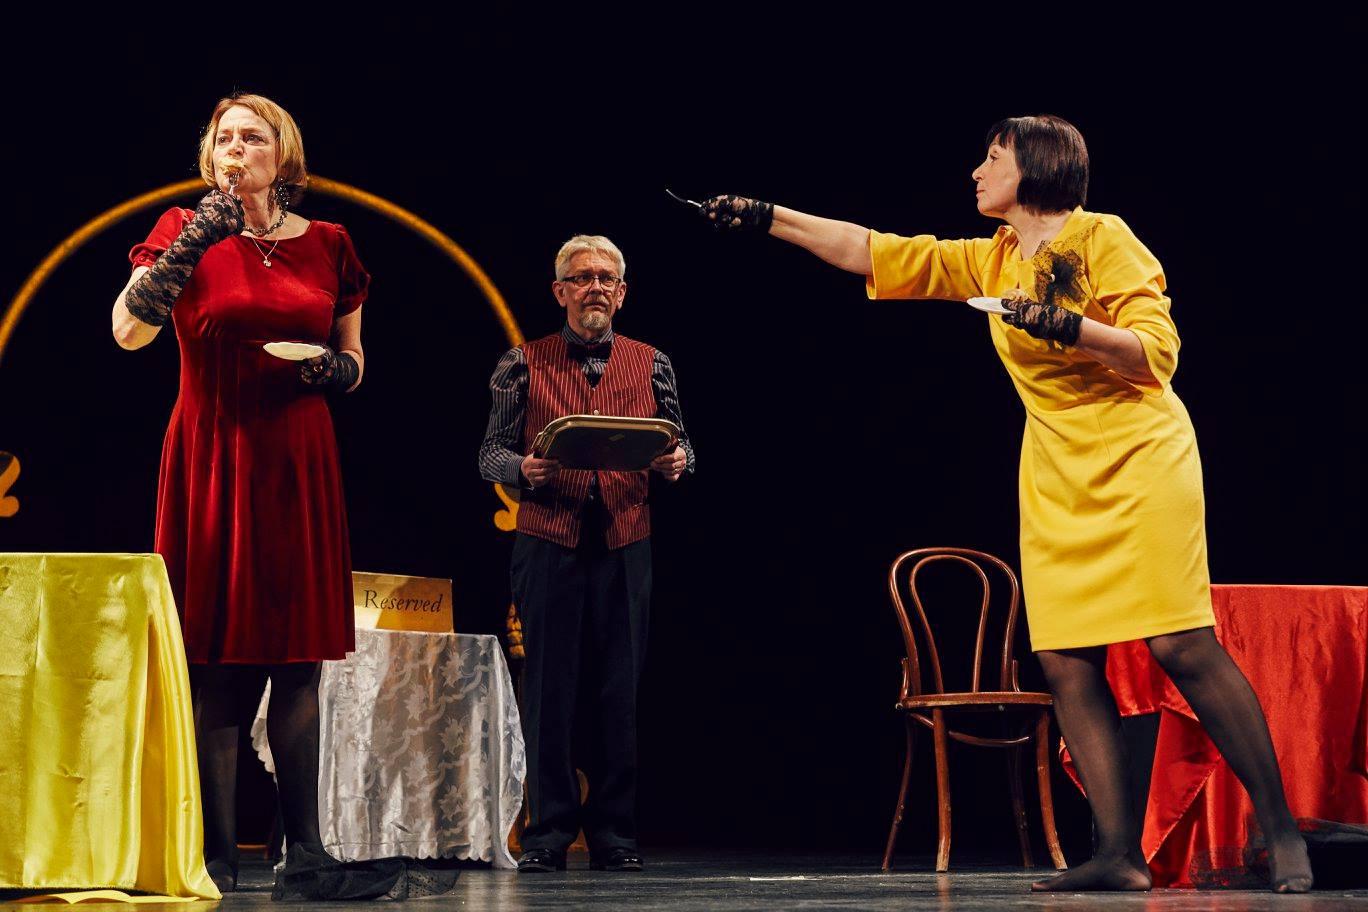 Trakų Karališkasis teatras sezoną pradėjo energingai